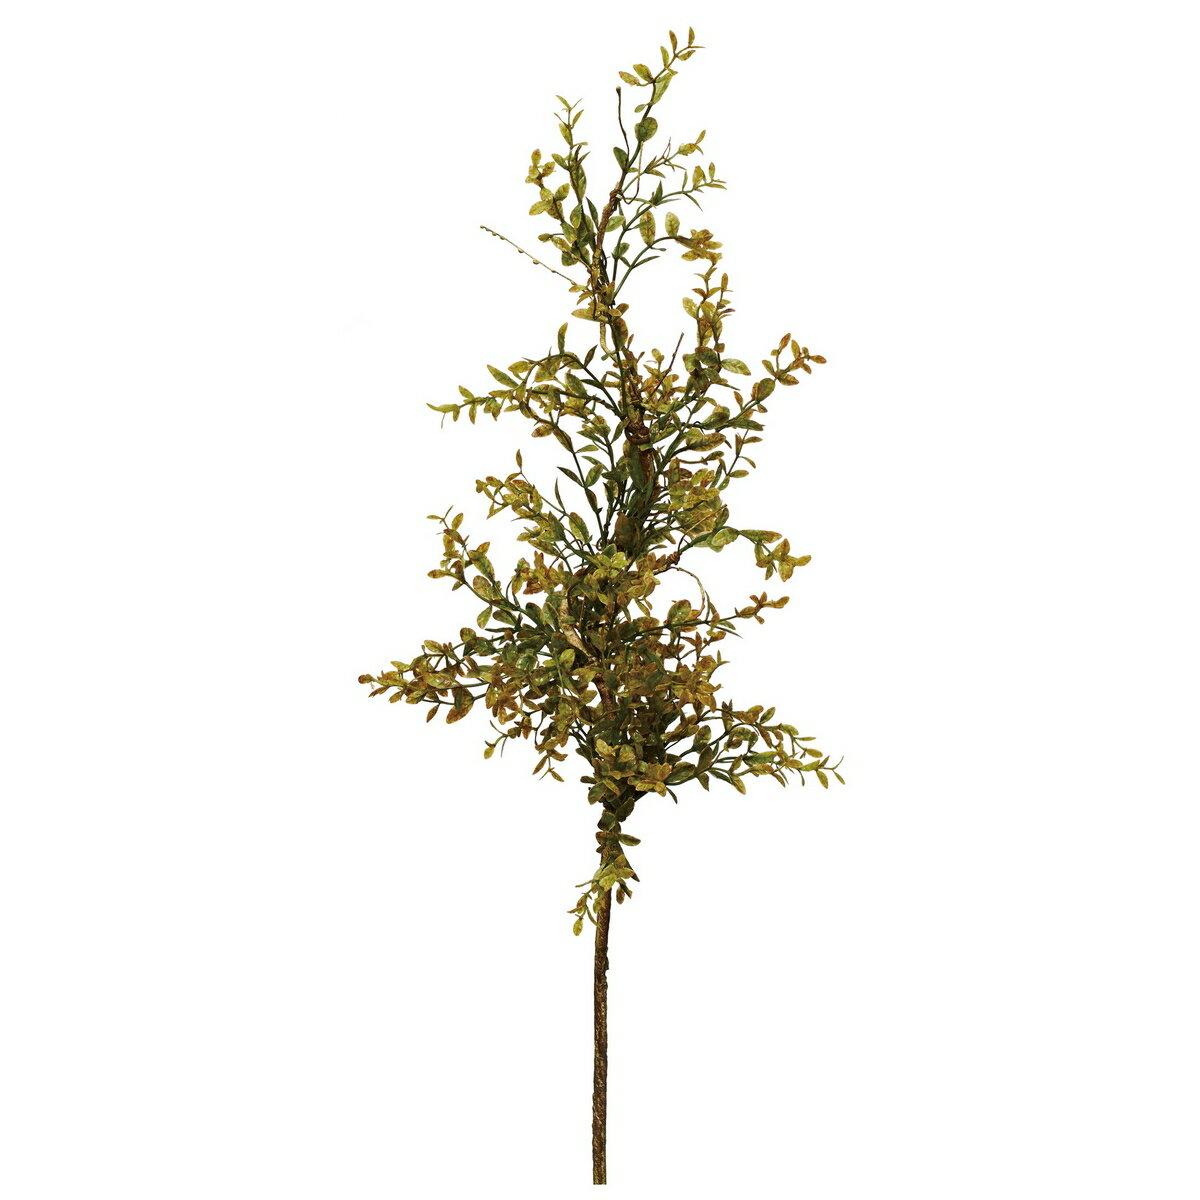 【造花】YDM/ベリーリーフブランチ グリーン/FG4759-GR【01】【取寄】《 造花(アーティフィシャルフラワー) 造花 花材「あ行」 アリウム 》